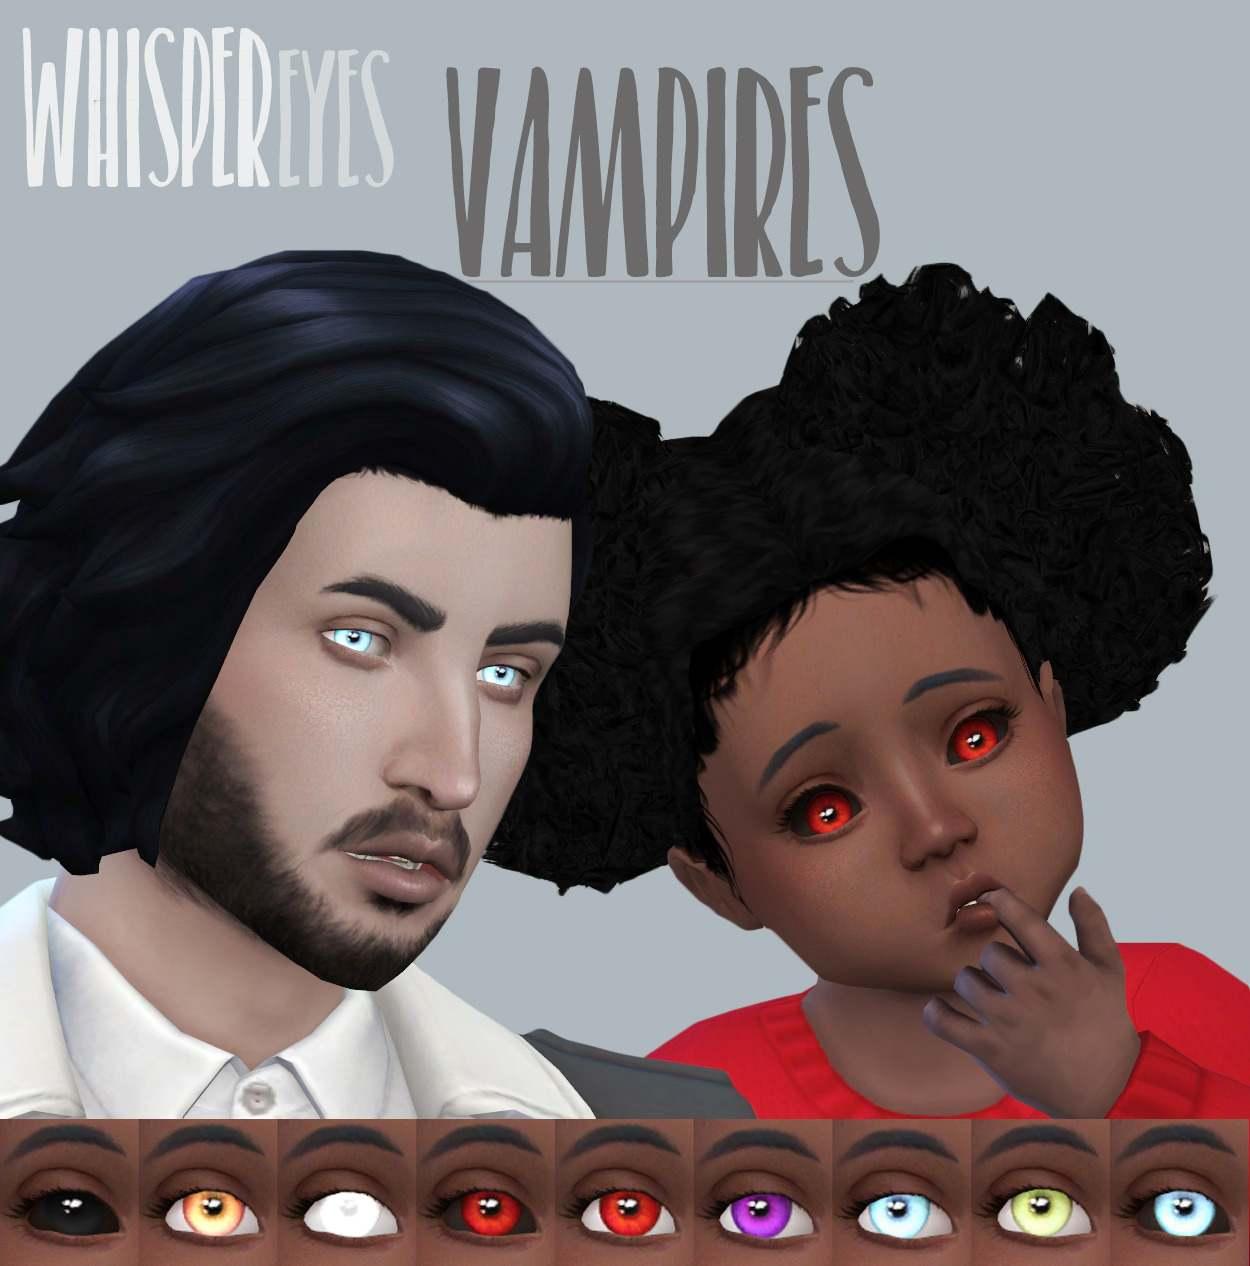 Глаза Whisper Eyes Vampires от DFJ для Симс 4